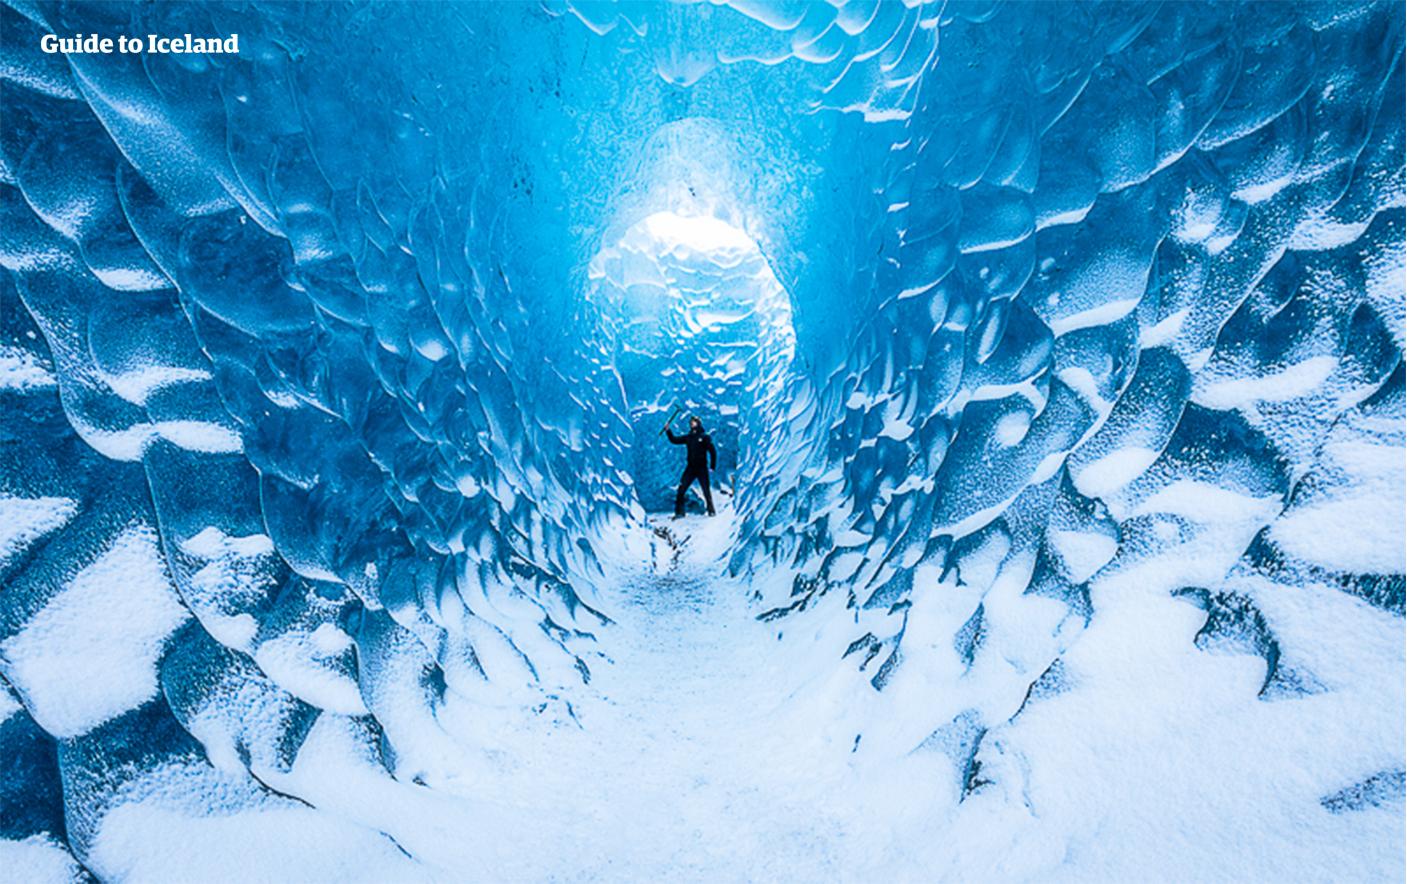 La grotte de glace bleue à l'intérieur de Vatnajökull, le plus grand glacier d'Europe, est une véritable merveille de l'Islande que peu d'habitants ont même connue